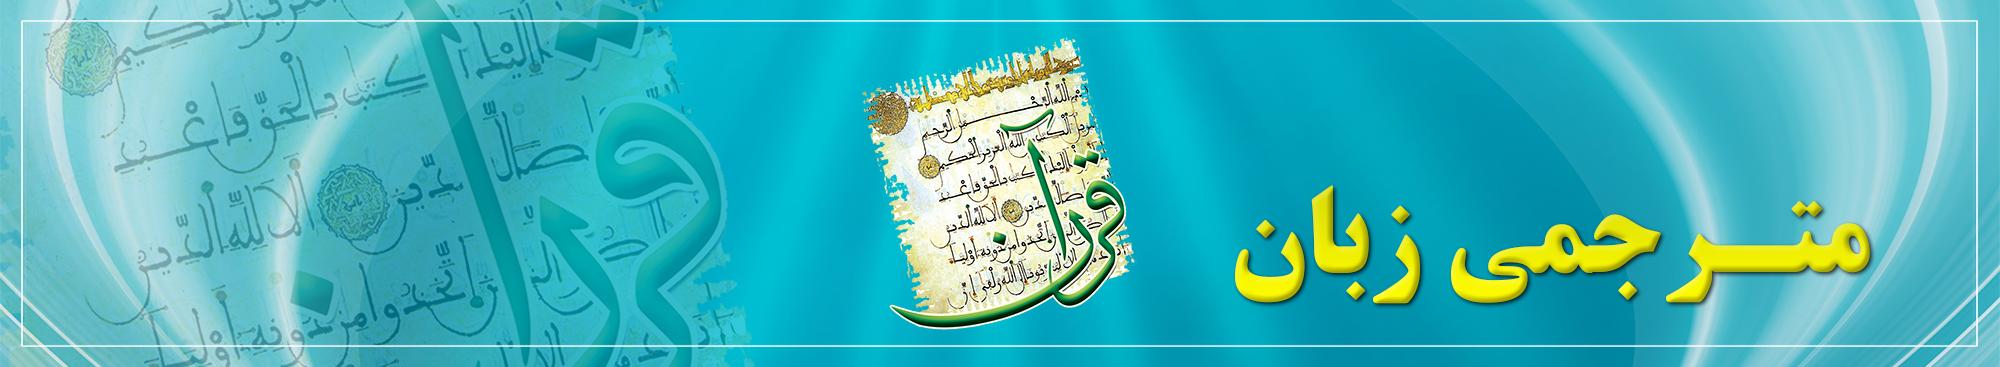 مترجمی زبان قرآن